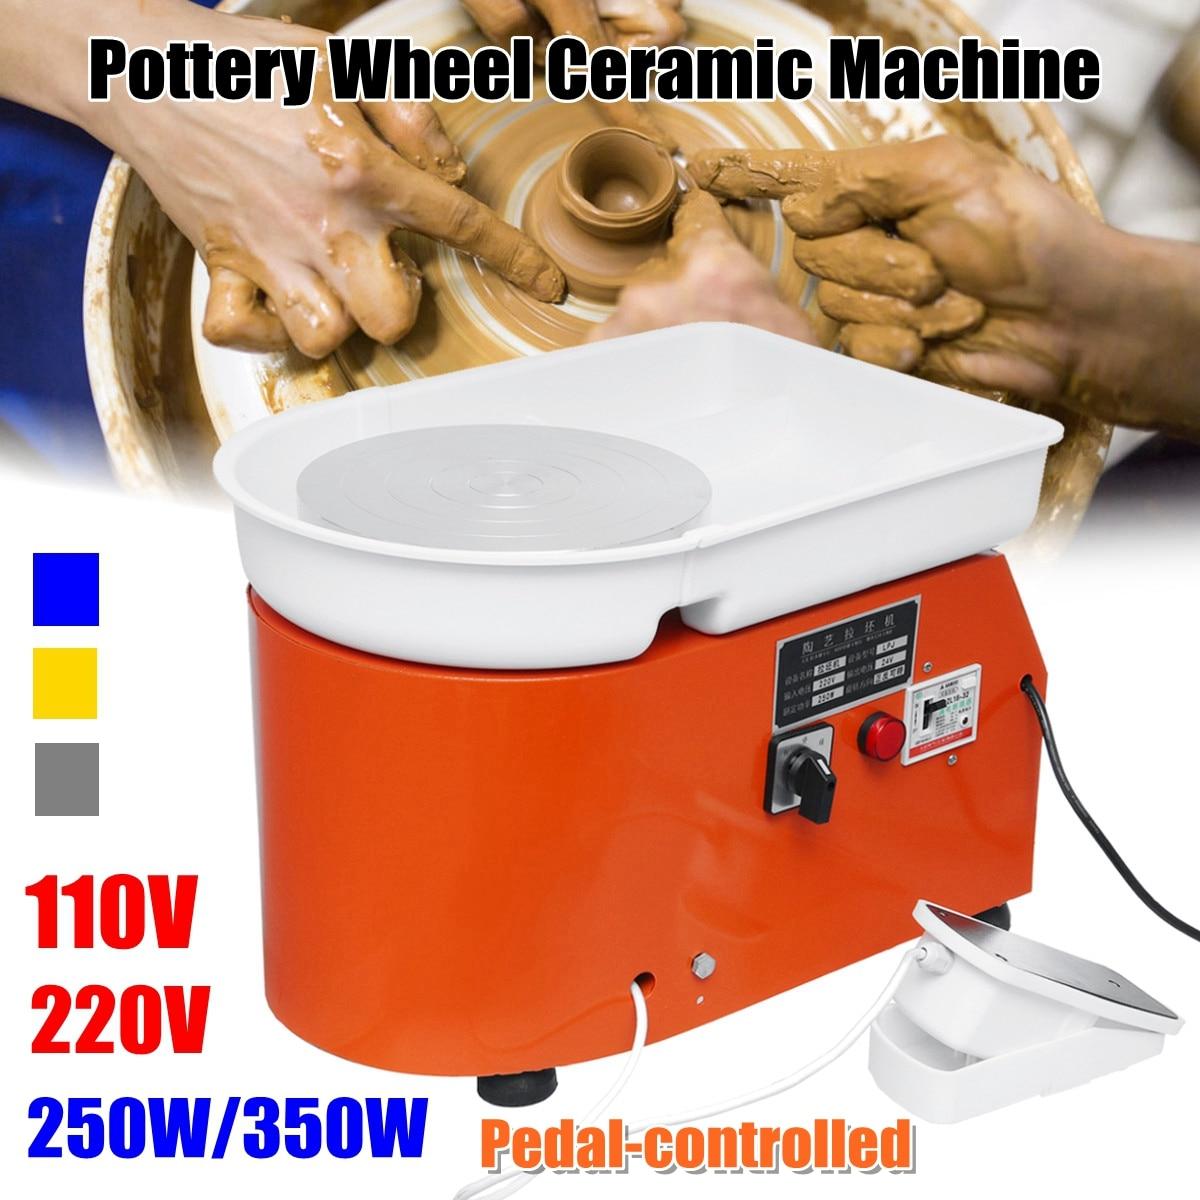 250 W/350 W Tours électriques roue poterie Machine céramique argile potier Art pour céramique travail céramique 110 V/220 V